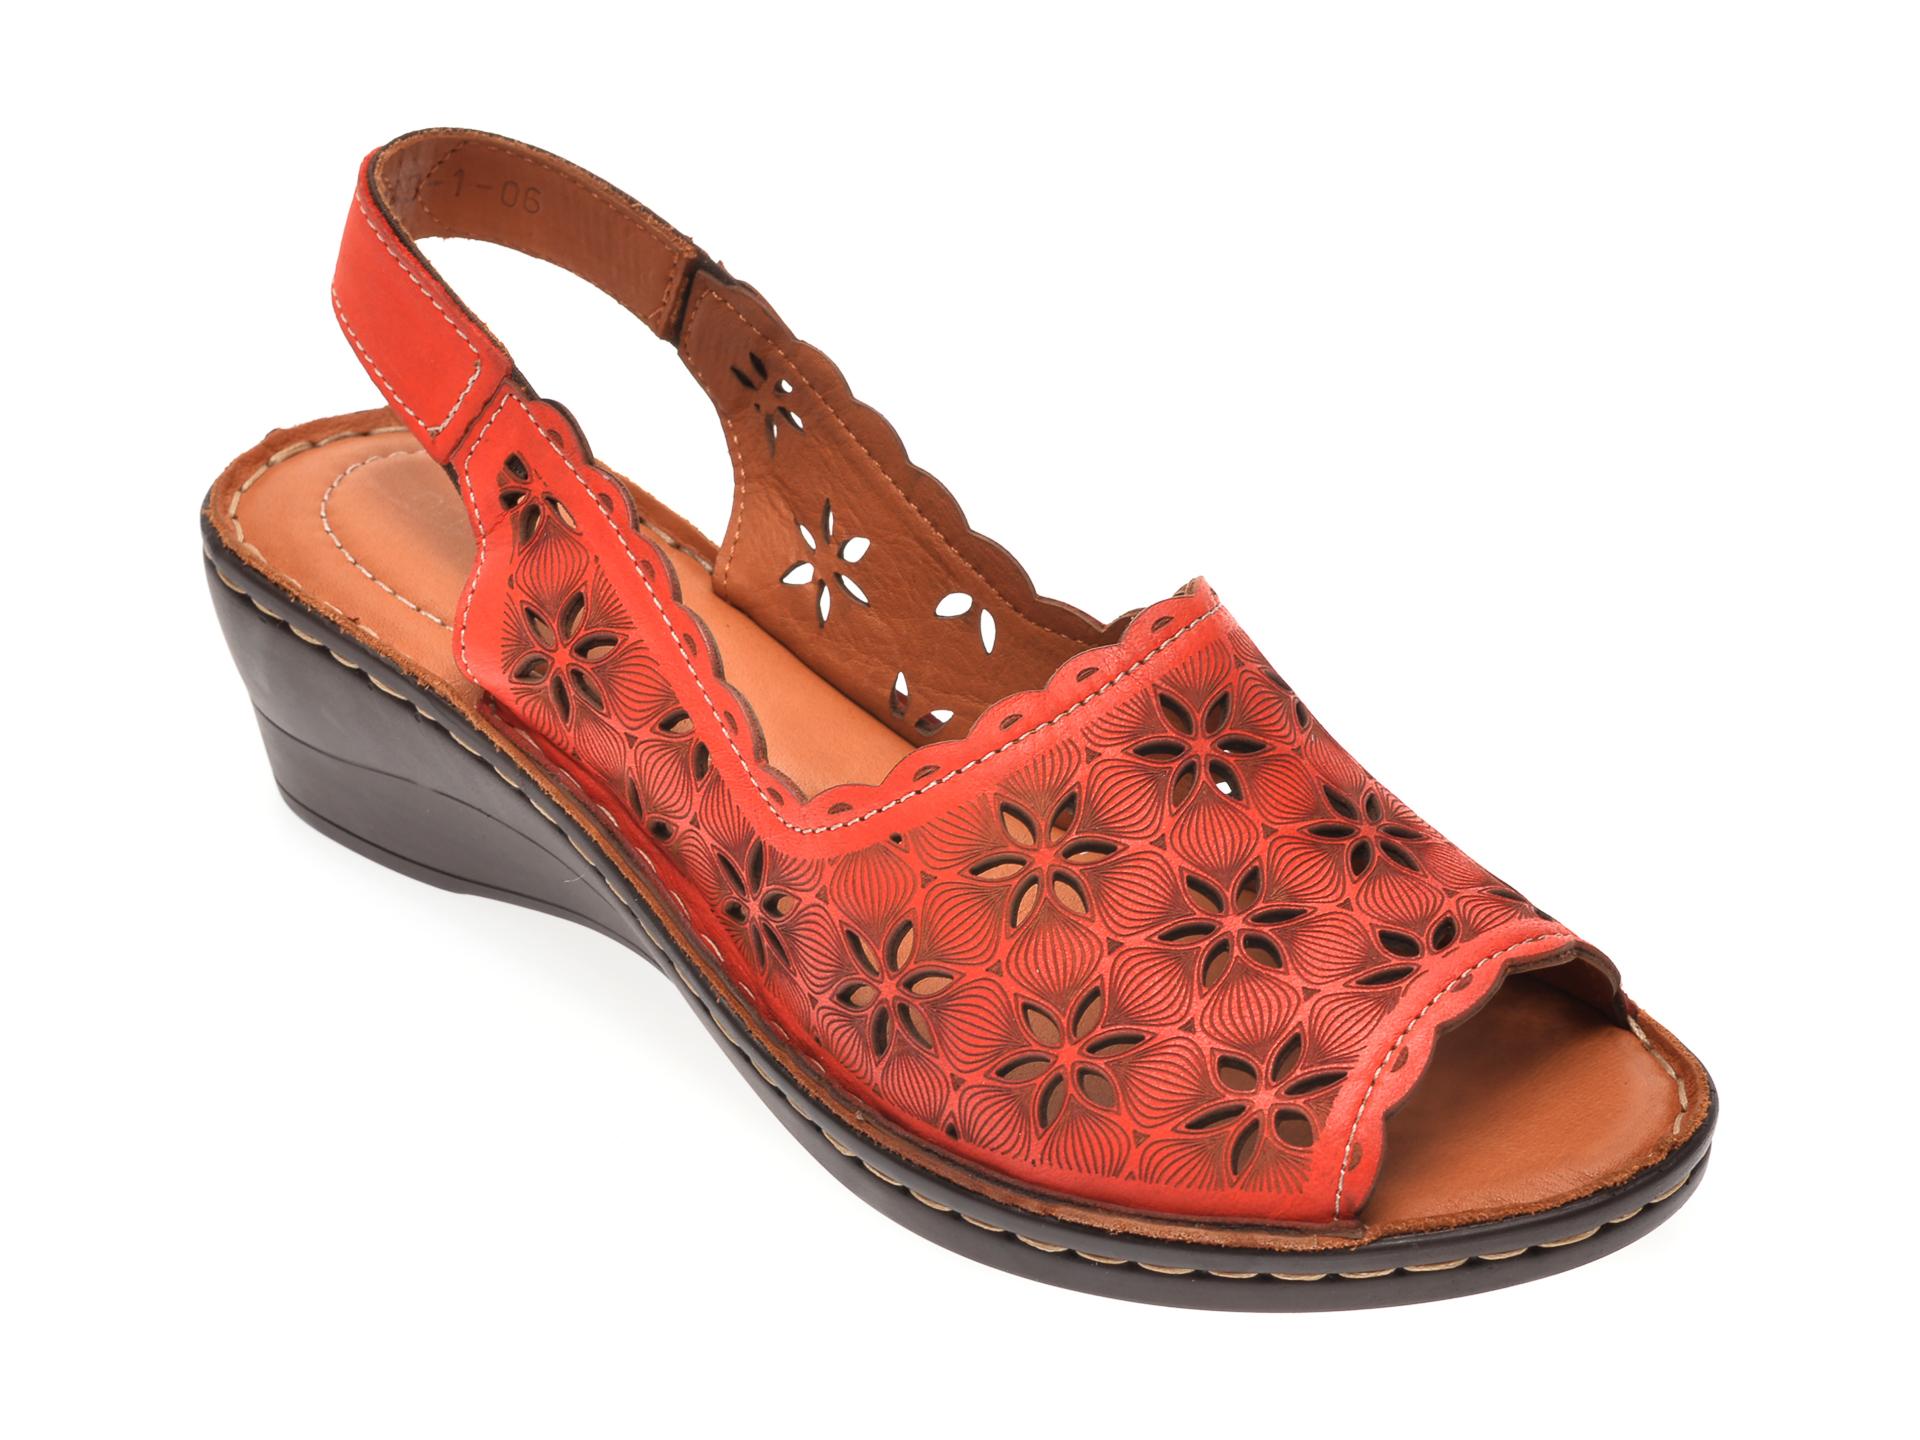 Sandale FLAVIA PASSINI rosii, 50431, din piele naturala